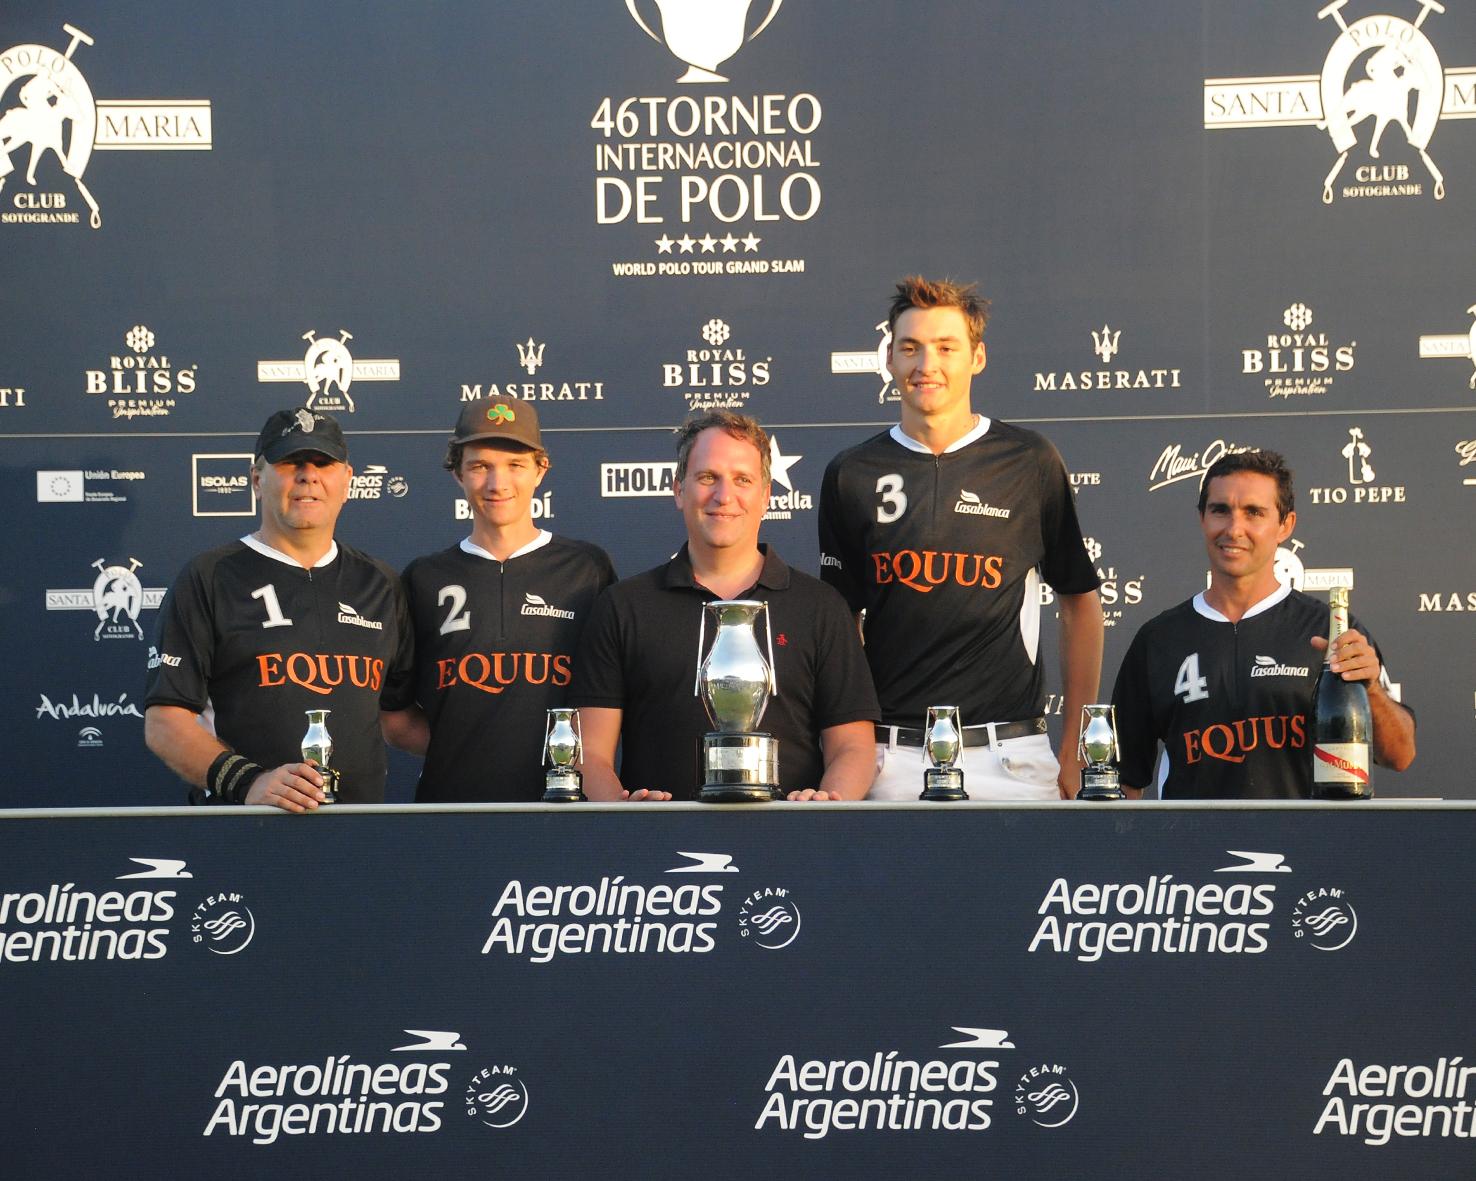 equus ganador de la copa de plata aerolineas argentinas